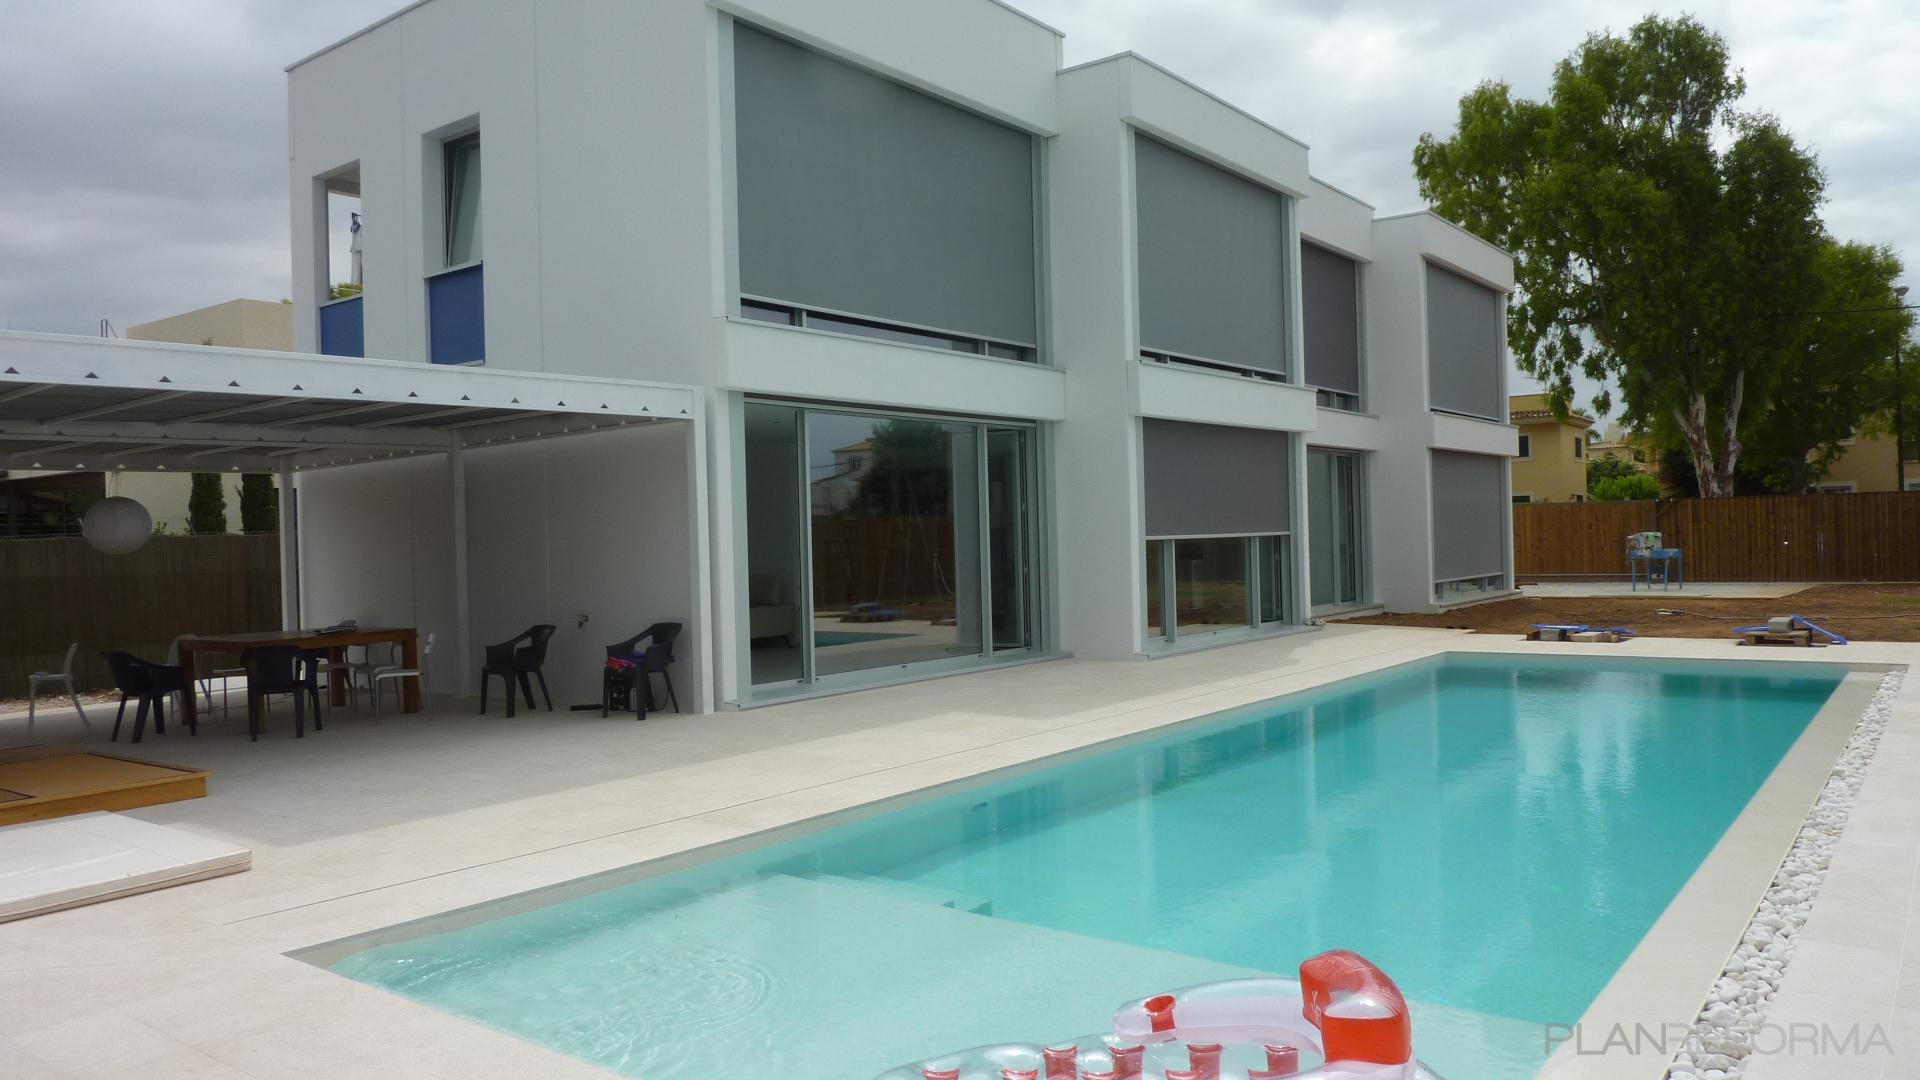 Piscina porche exterior style moderno color azul cielo - Porche casa moderna ...